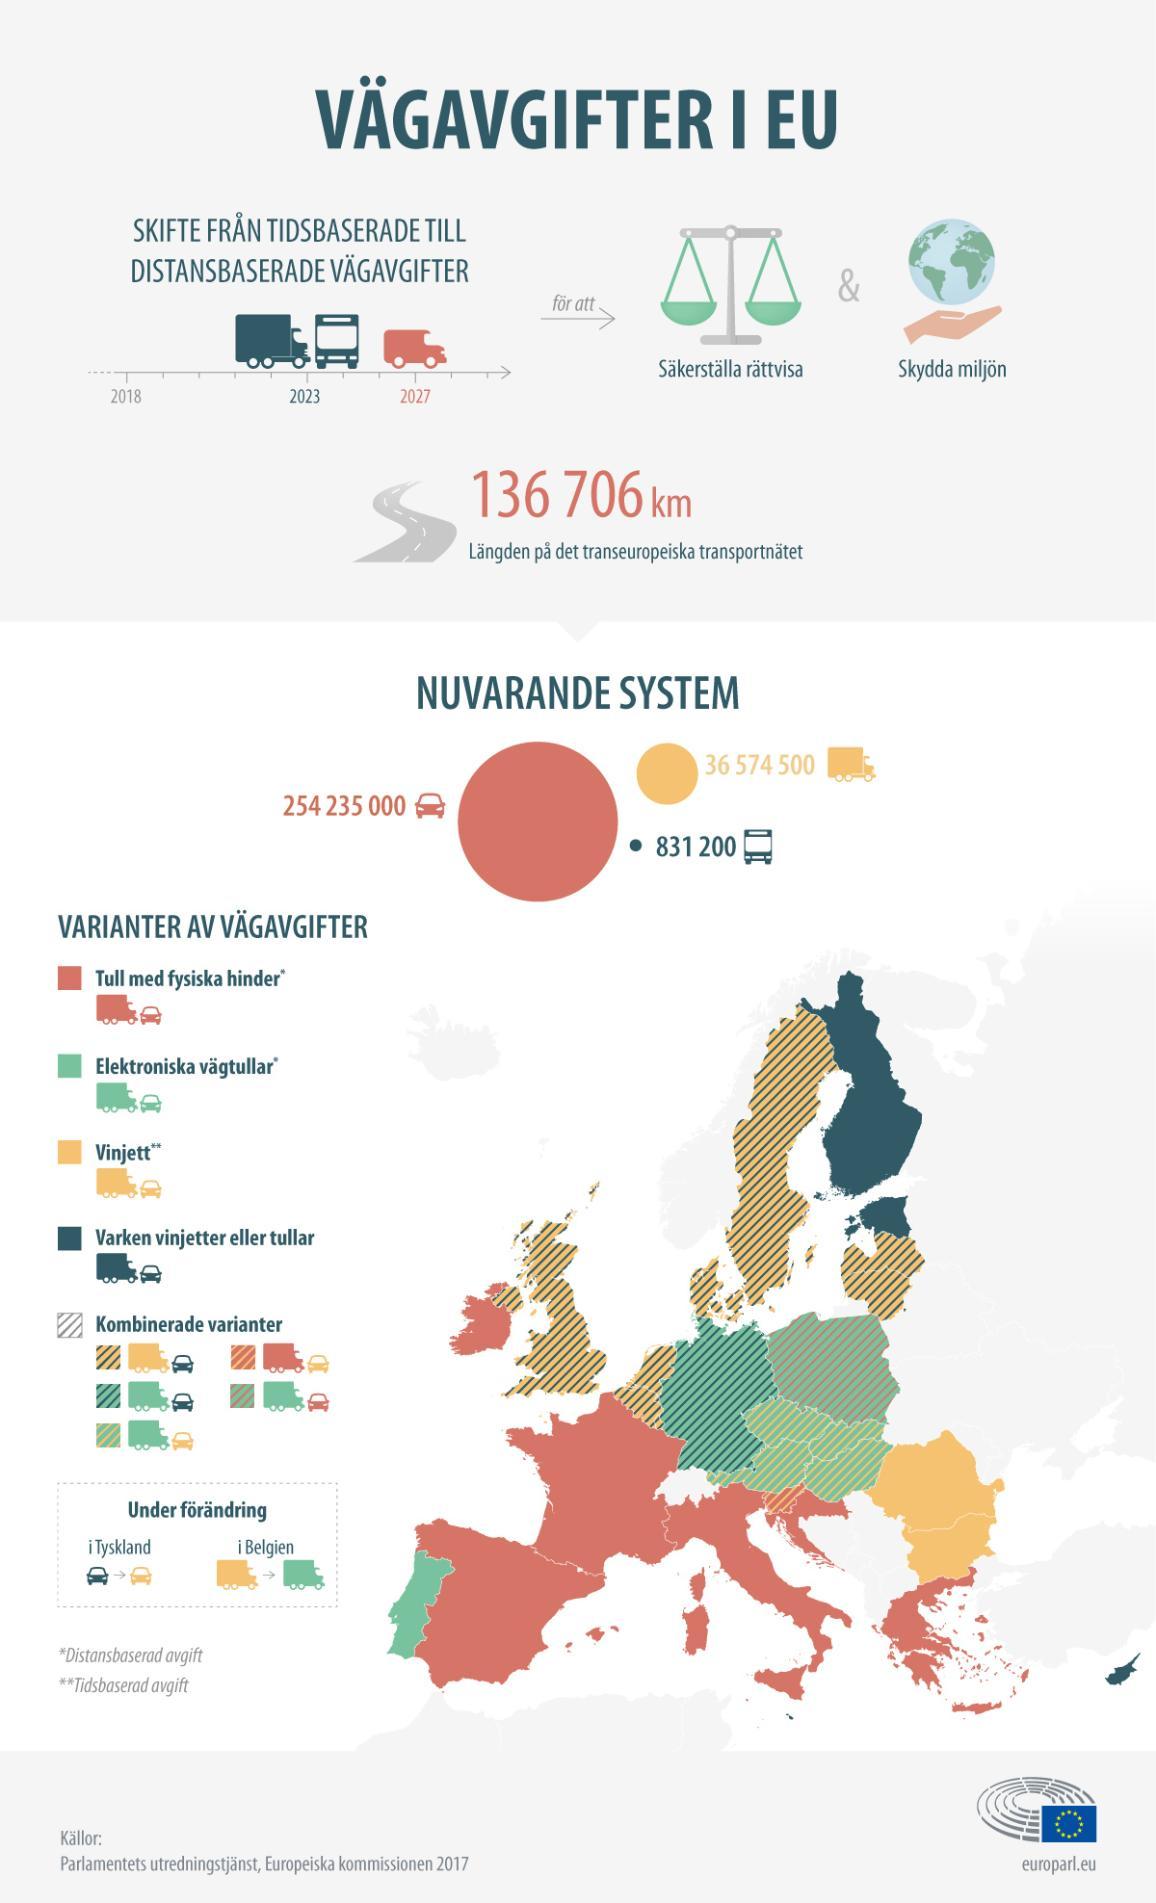 Grafik med beskrivningar och förklarande symboler av de nya vägavgifterna inom EU.